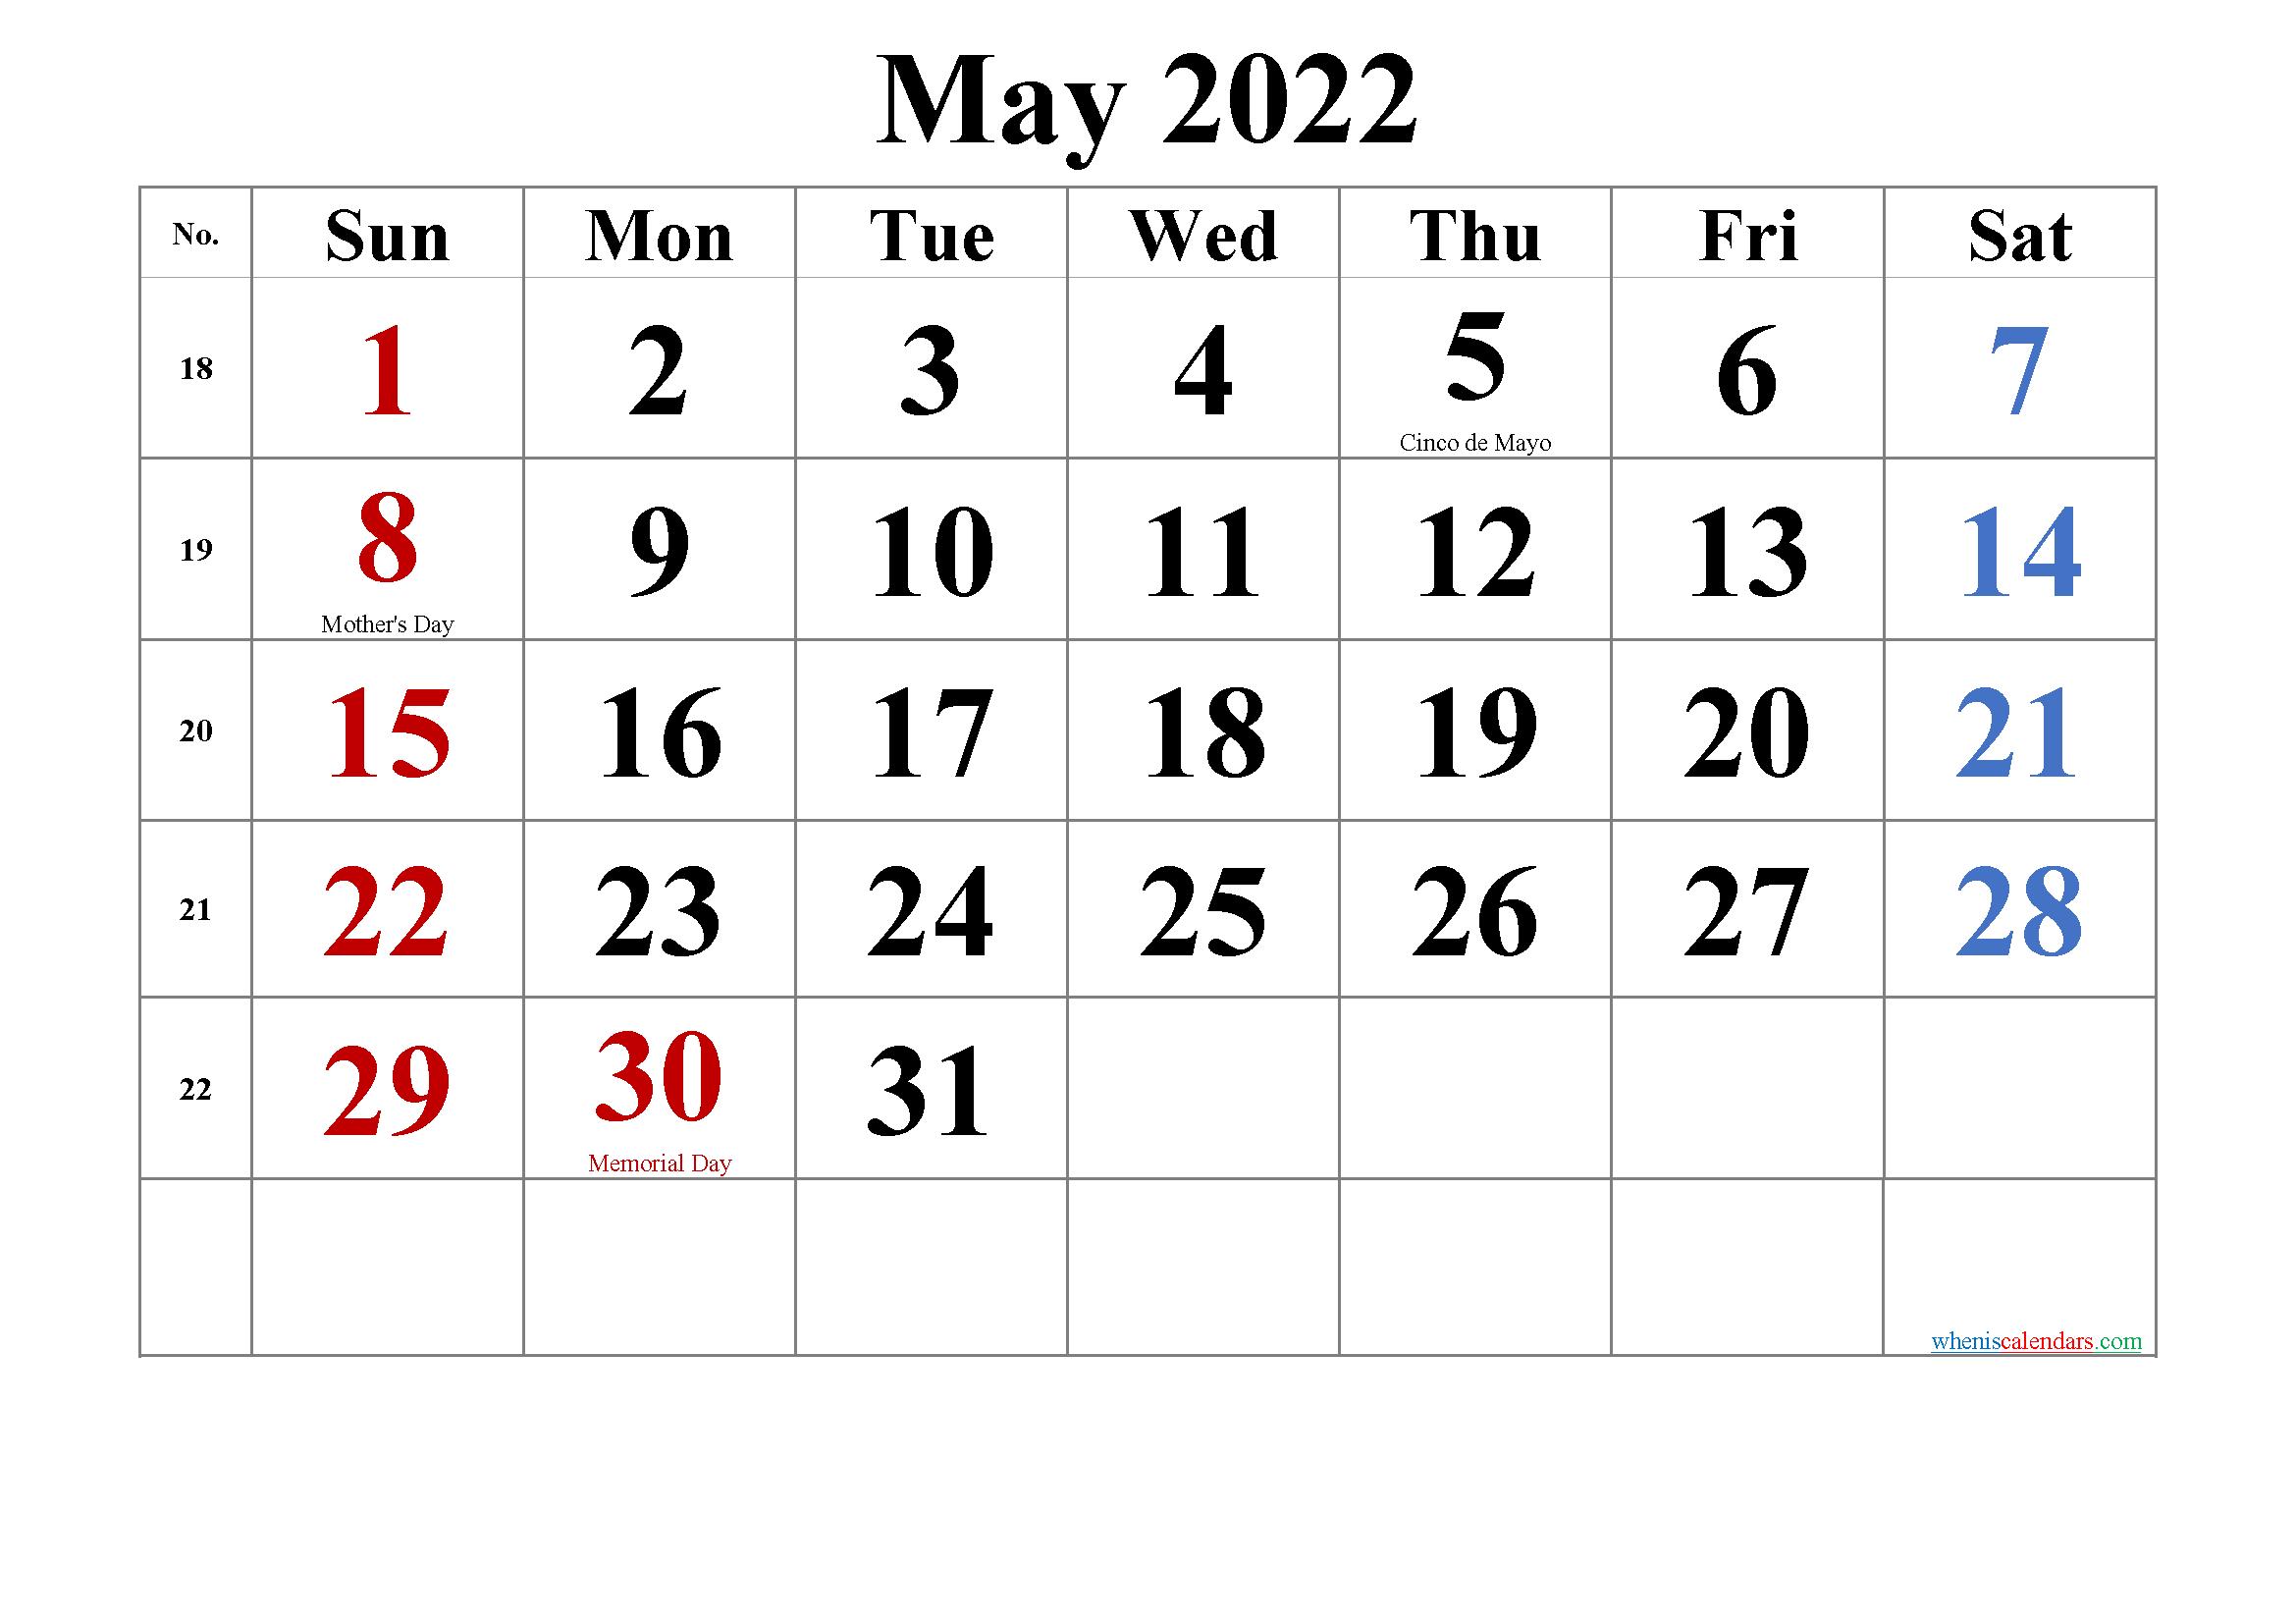 May 2022 Printable Calendar.Free Printable May 2022 Calendar Printable Calendar Printable Calendar Template Monthly Calendar Printable